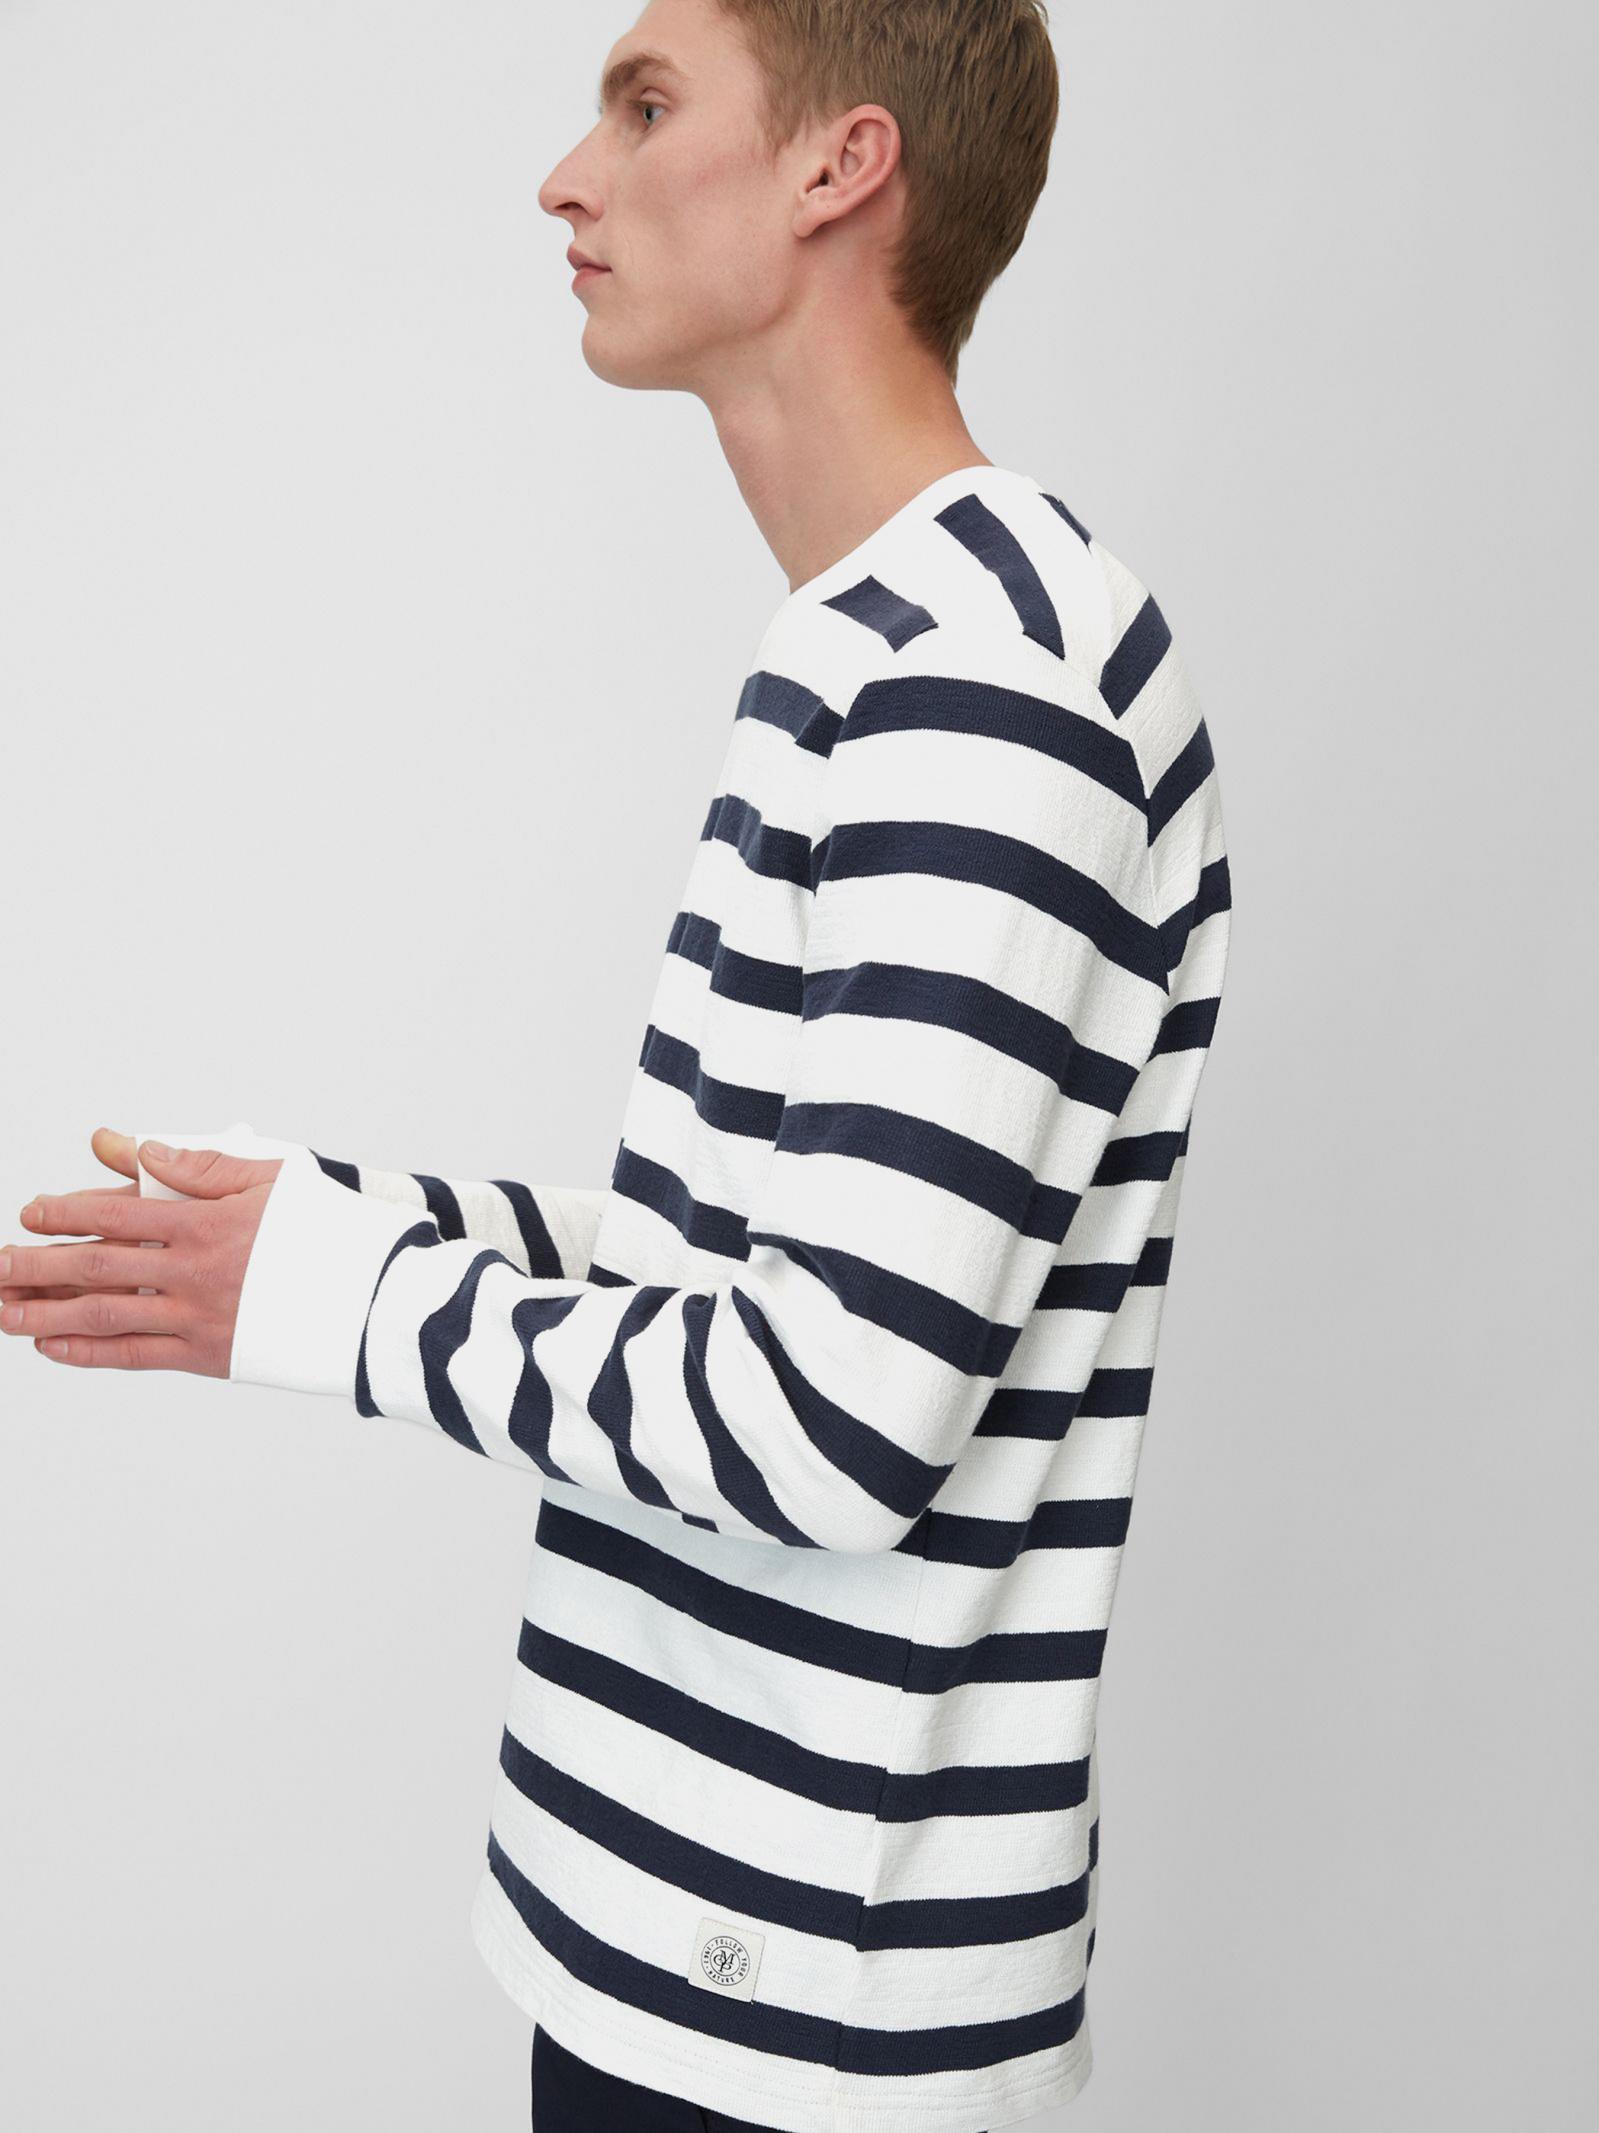 MARC O`POLO Кофти та светри чоловічі модель 021216352076-T81 характеристики, 2017